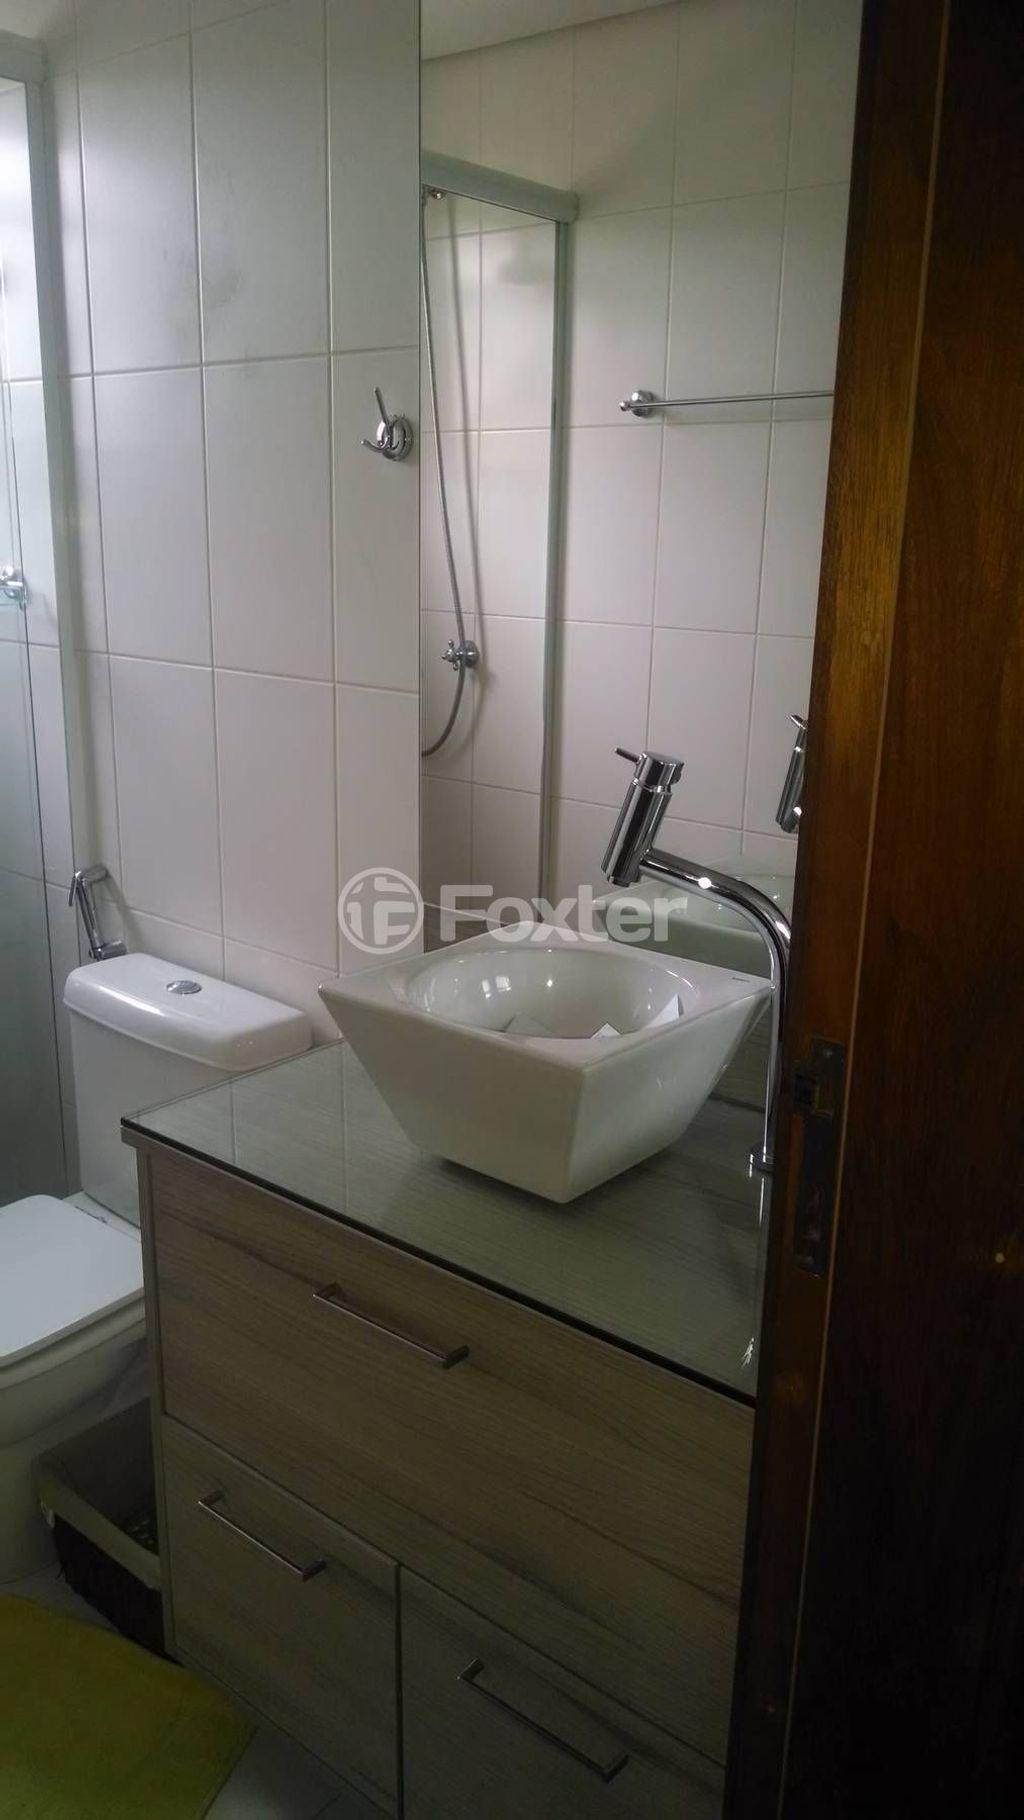 Apto 2 Dorm, Bela Vista, Porto Alegre (114415) - Foto 29